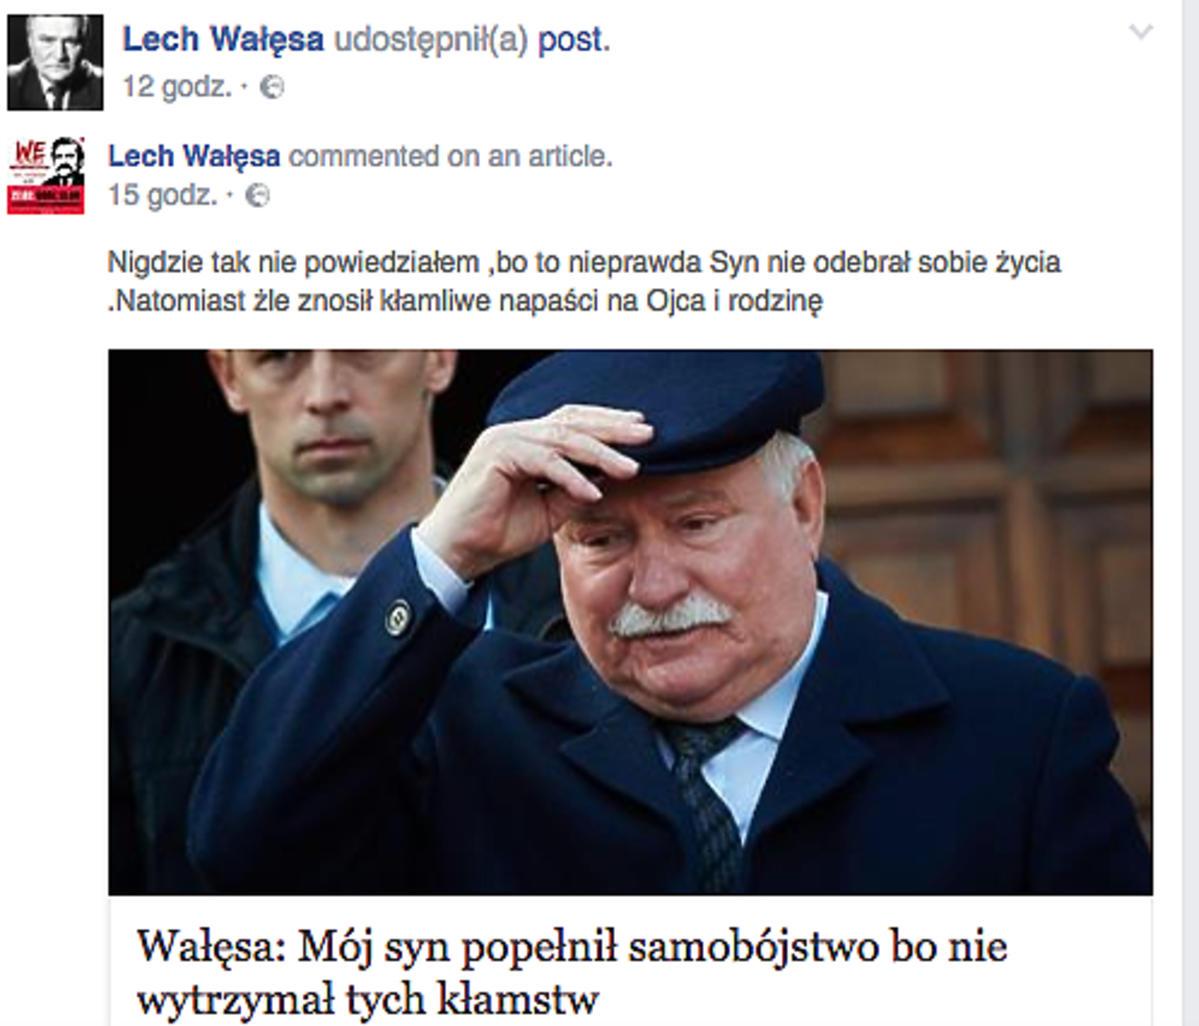 Lech Wałęsa dementuje plotki o samobójczej śmieci syna Przemysława Wałęsy